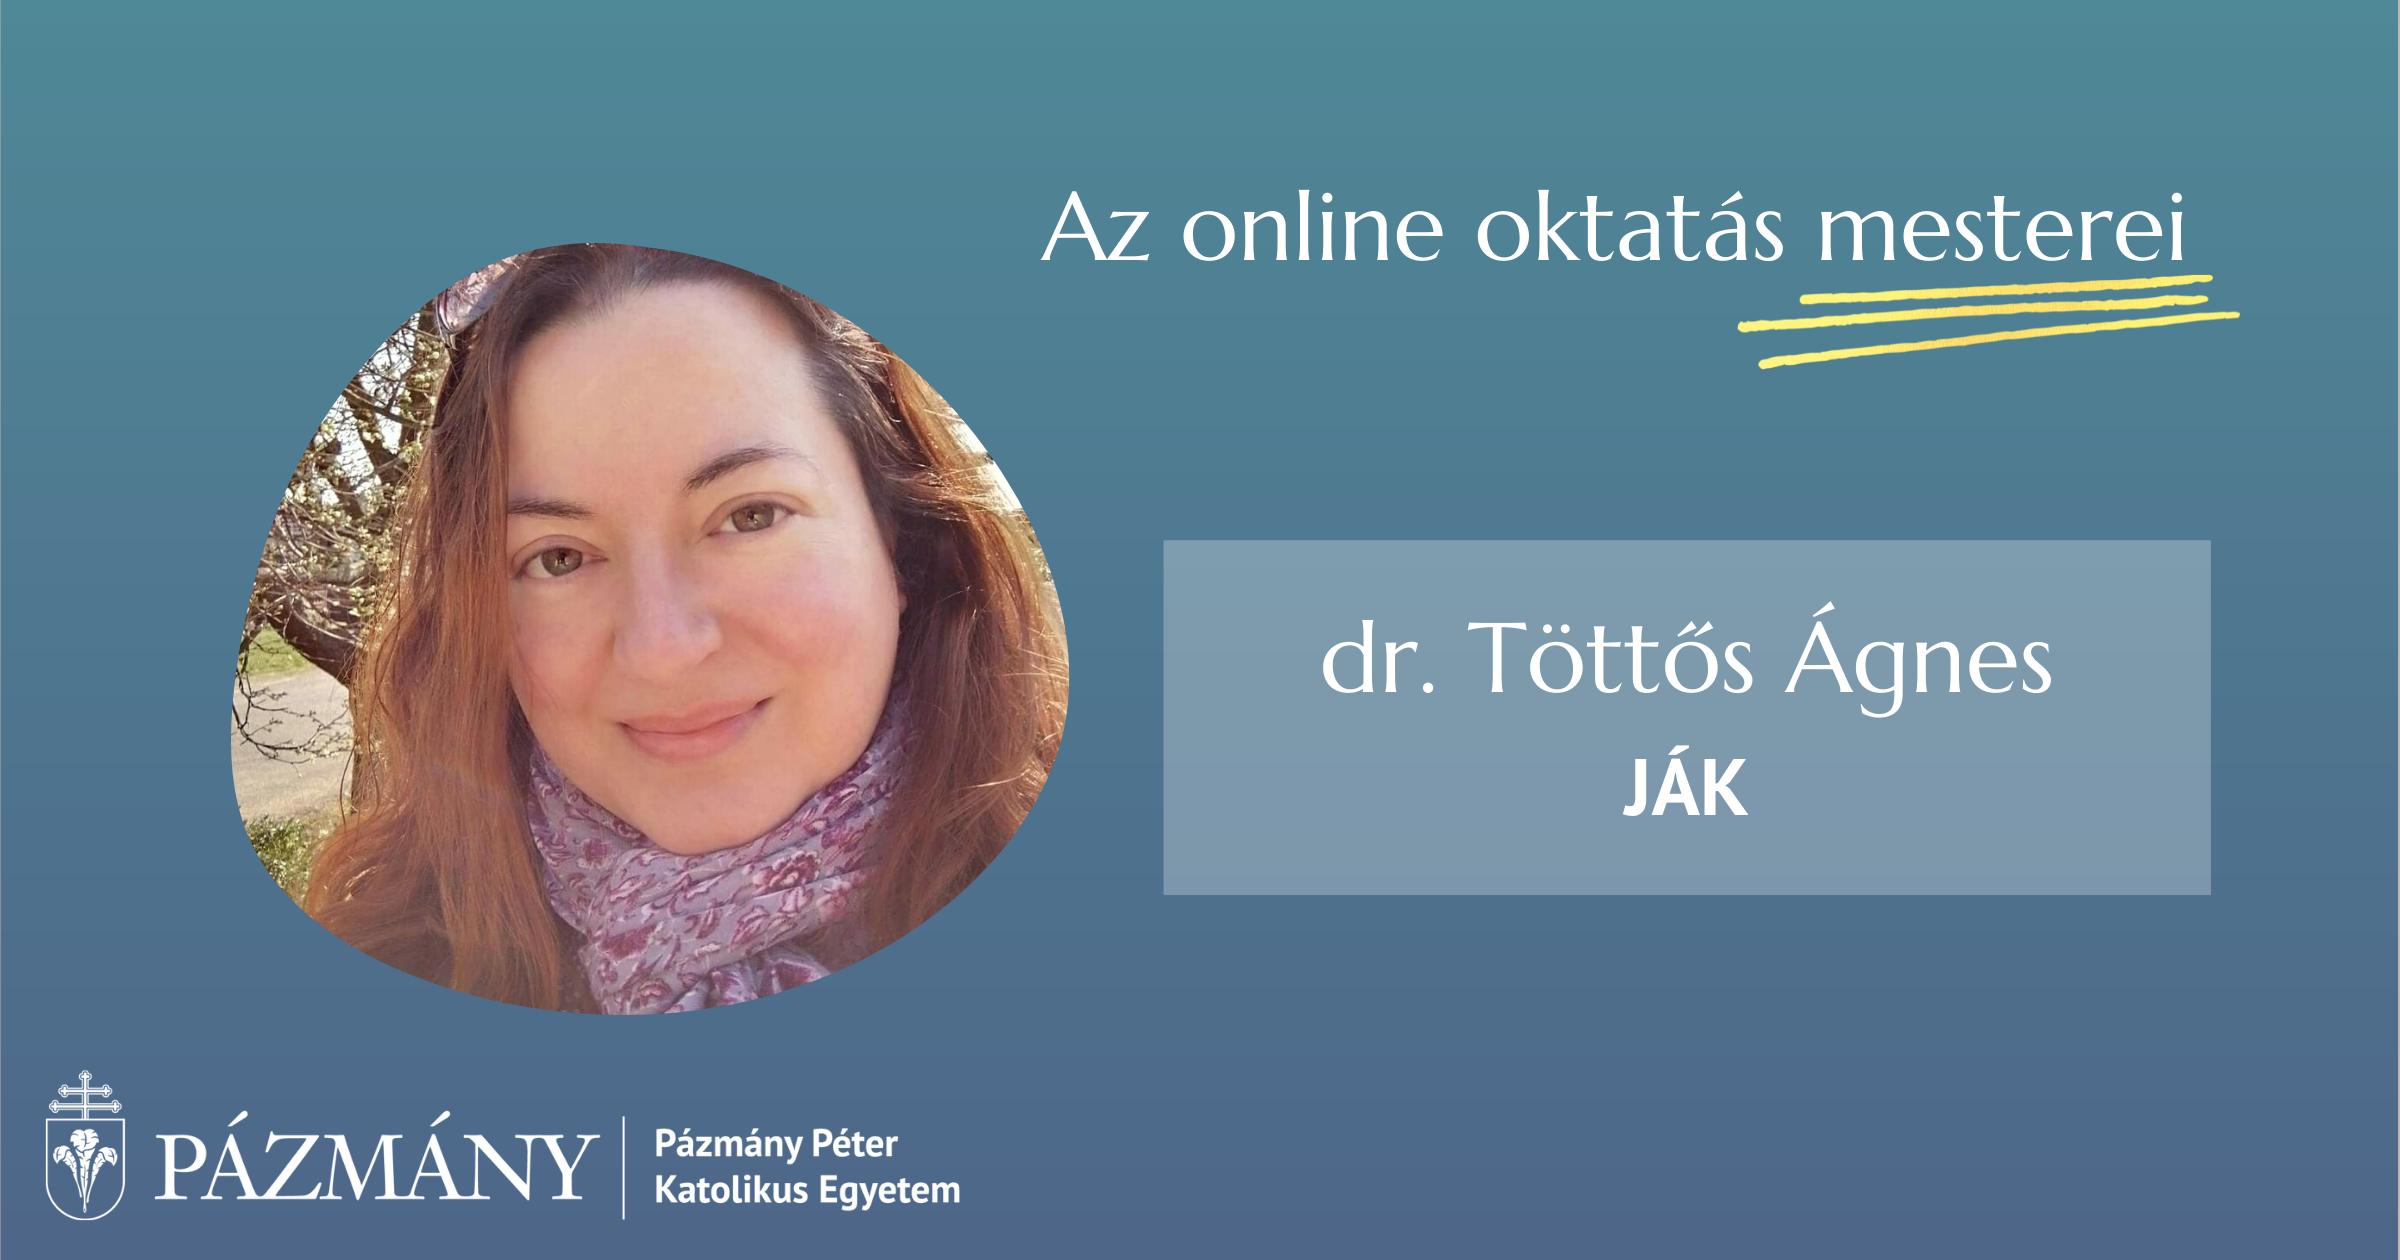 Az online oktatás mesterei: interjú dr. Töttős Ágnessel